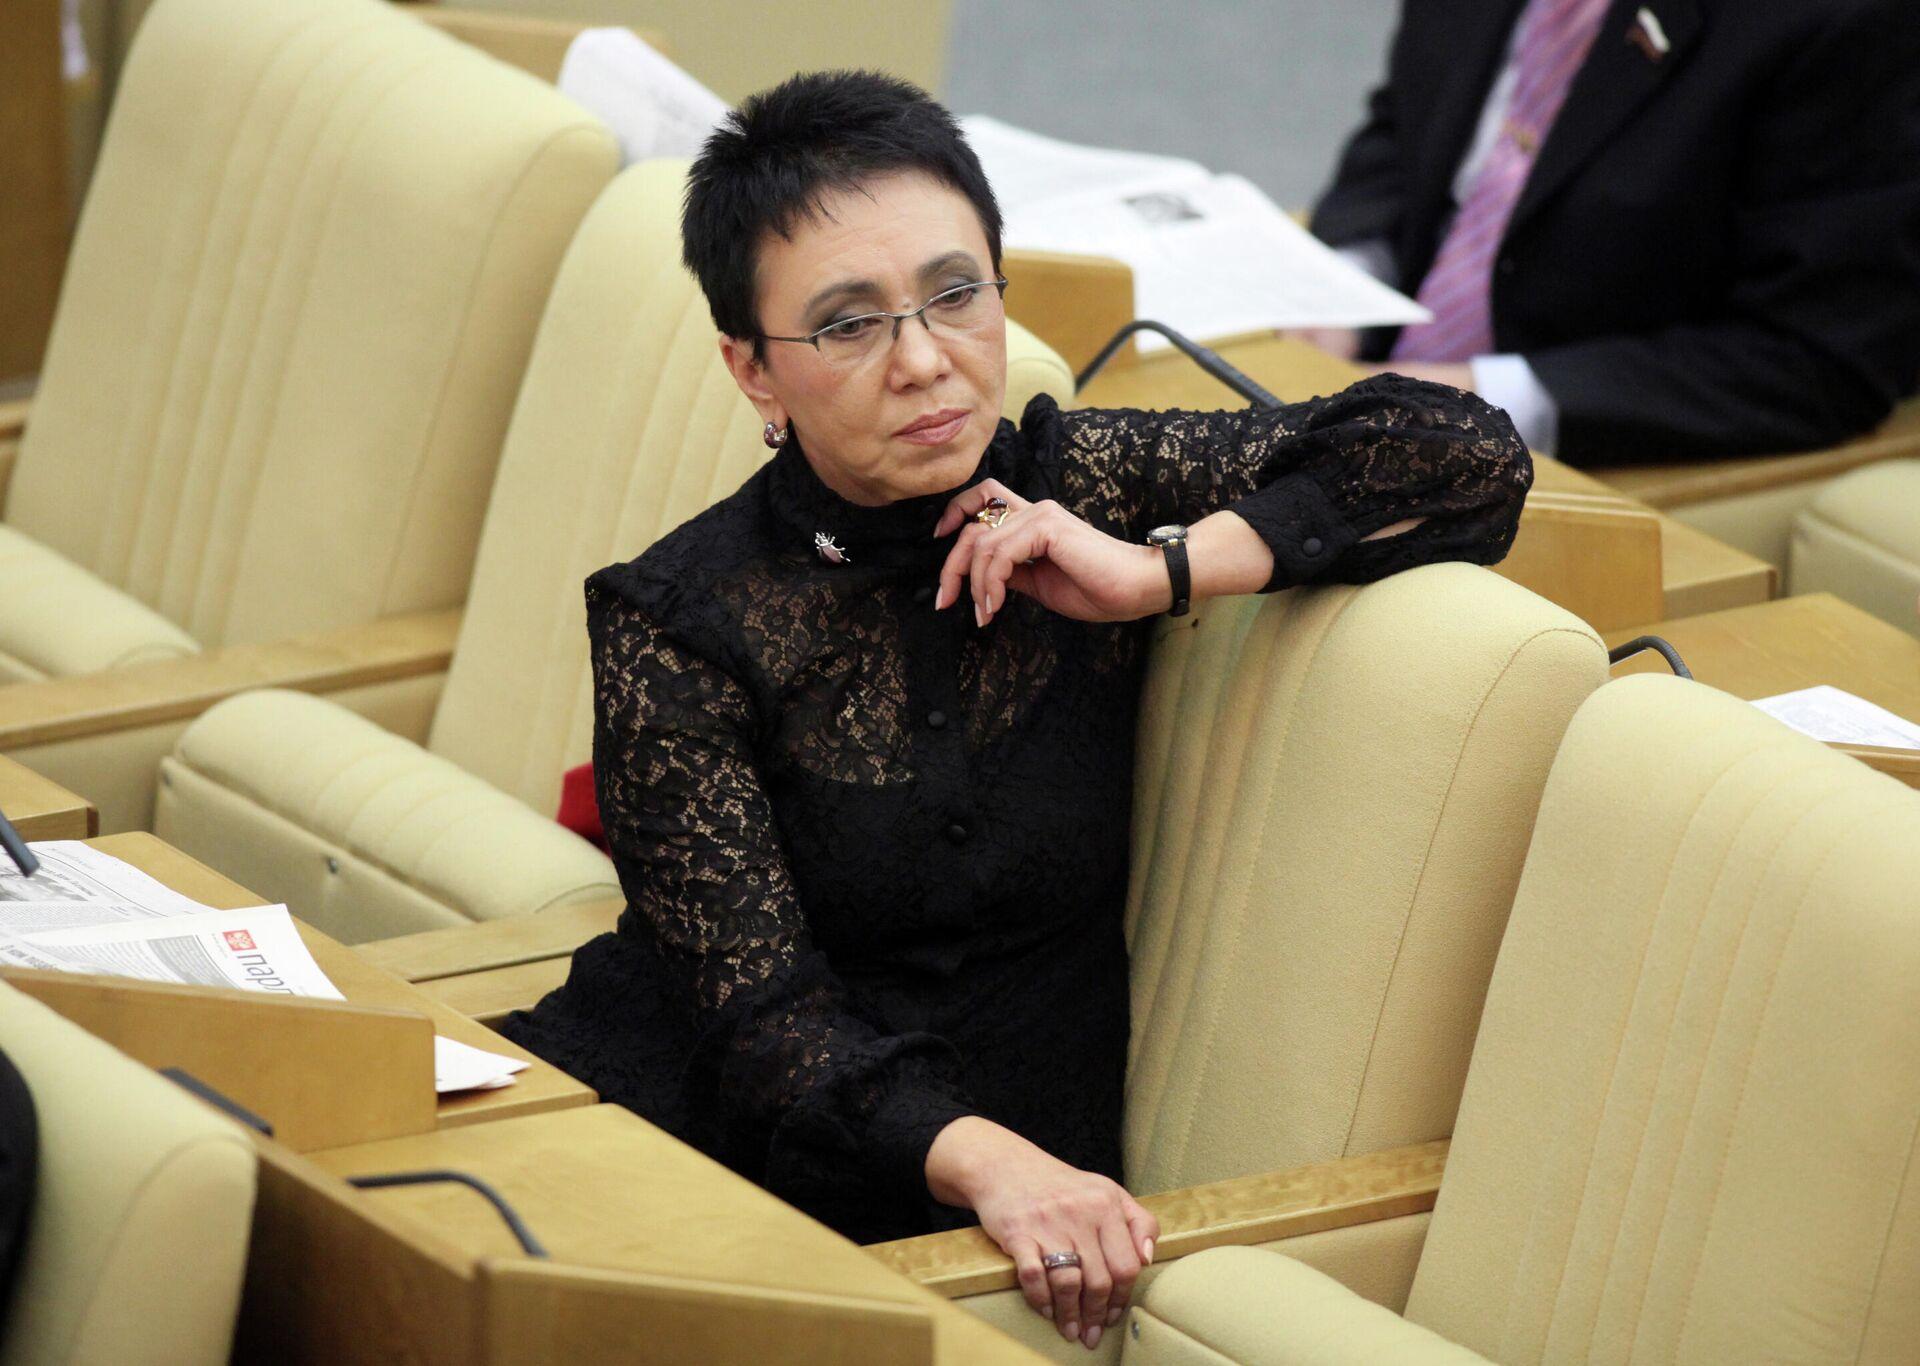 Член Комитета ГД по охране здоровья Лариса Шойгу на пленарном заседании Государственной думы РФ - РИА Новости, 1920, 10.06.2021